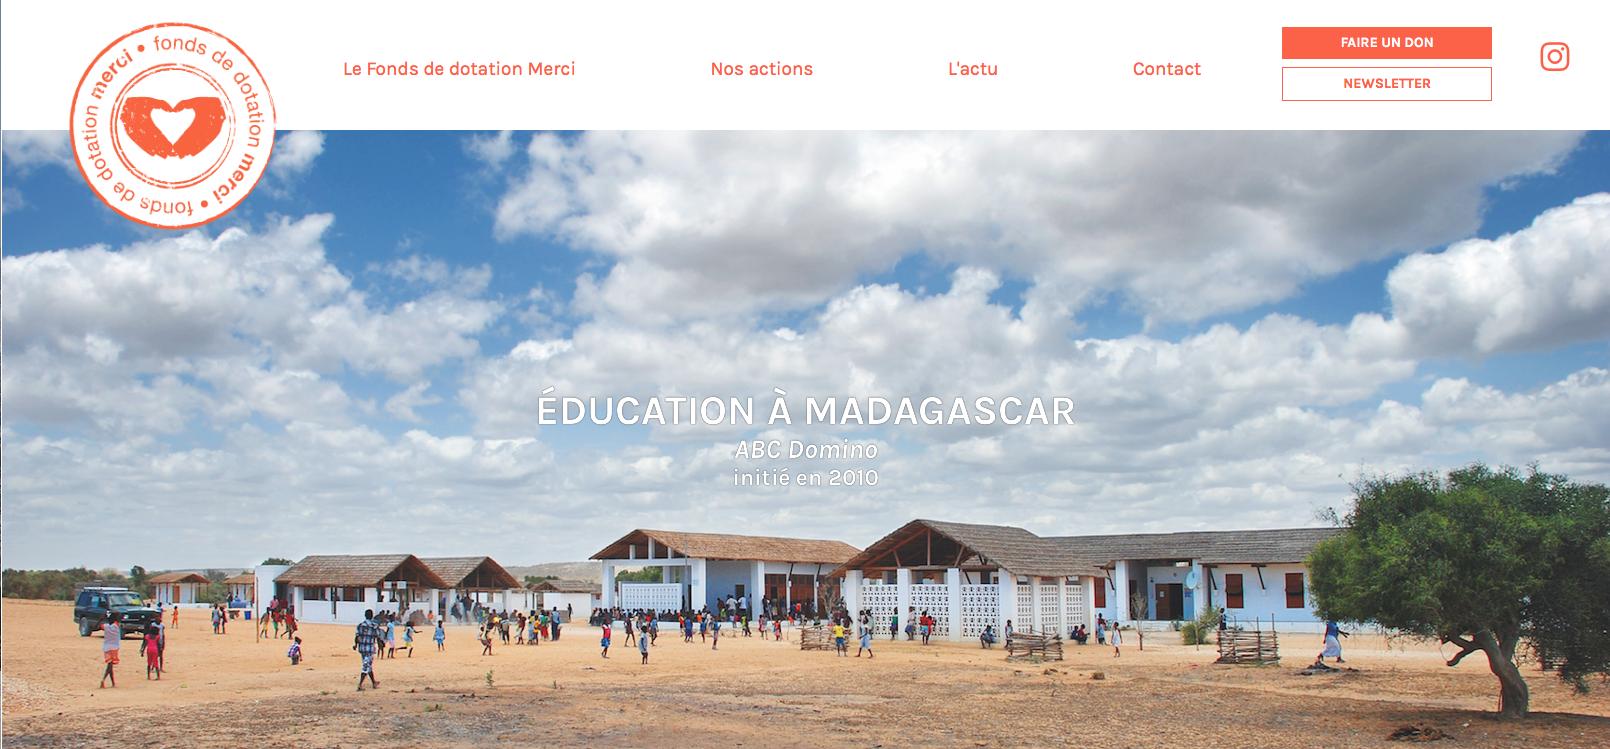 Le nouveau site du Fonds de dotation Merci est en ligne